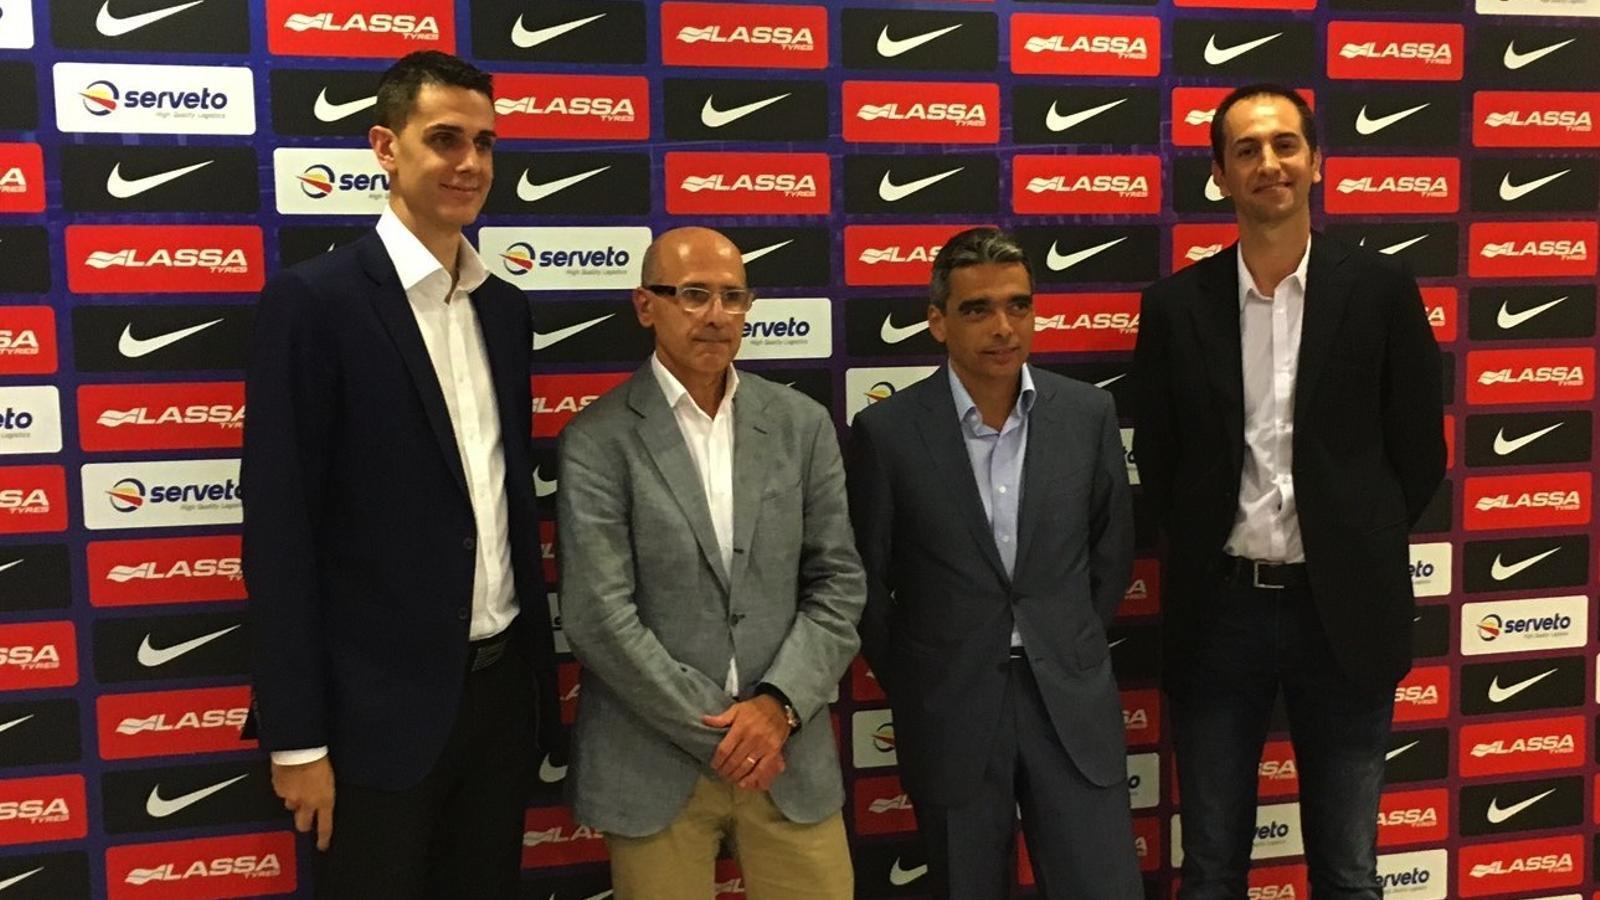 Bladé, De la Fuente, Soler i Capdevila